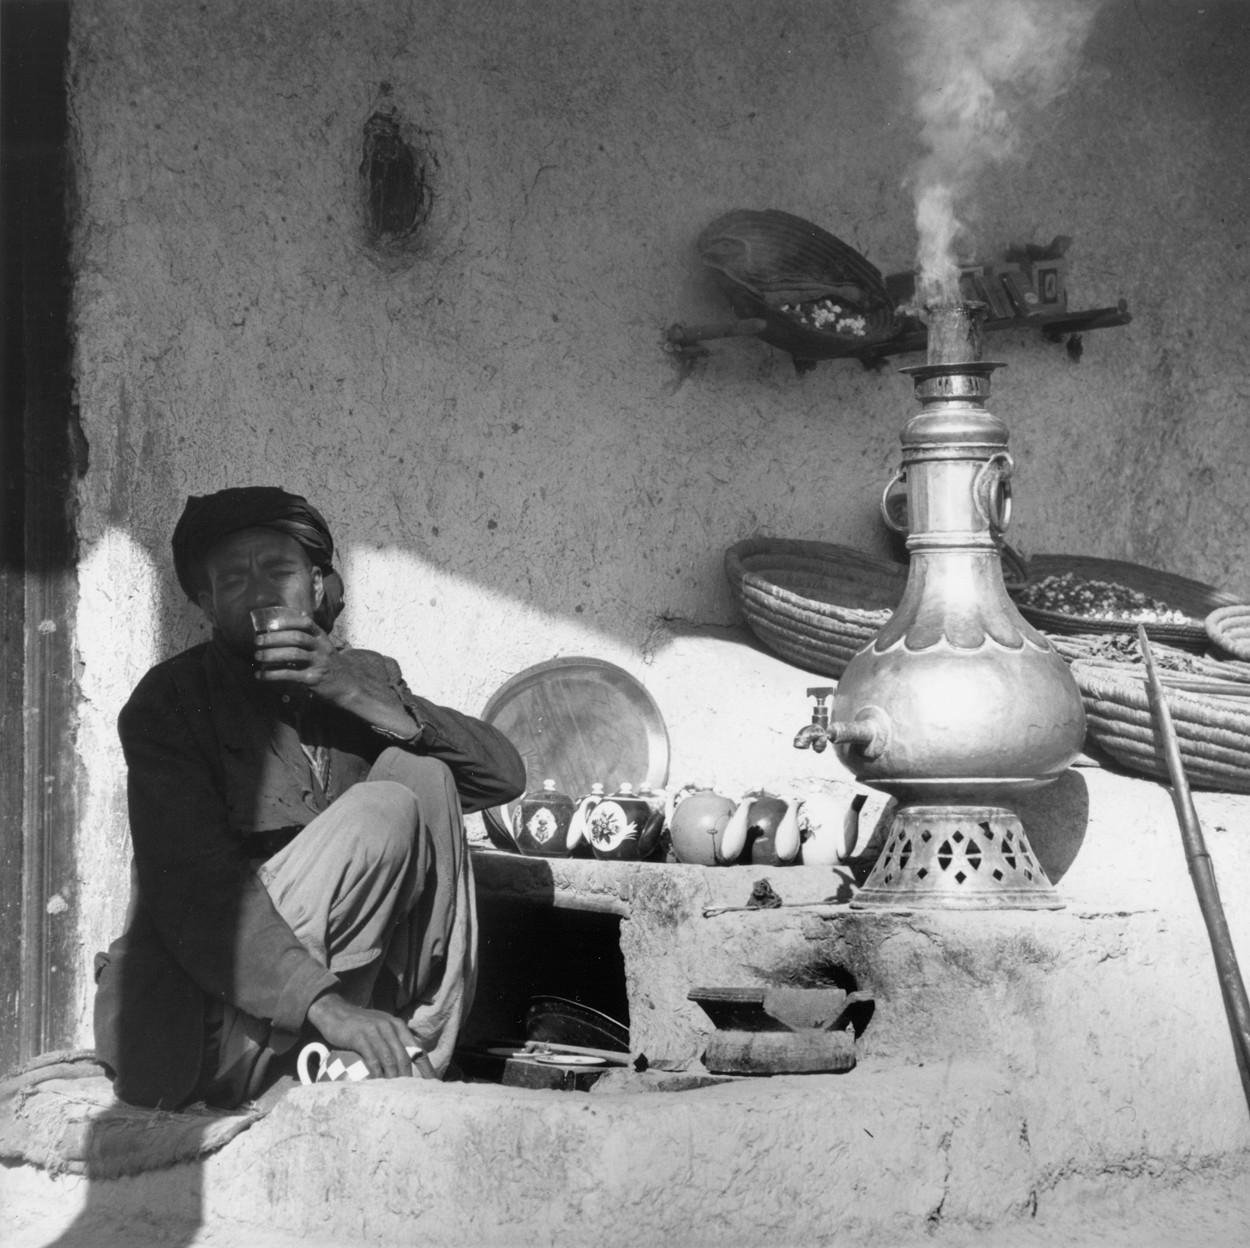 Bărbat afgan cu narghilea în anii 1960